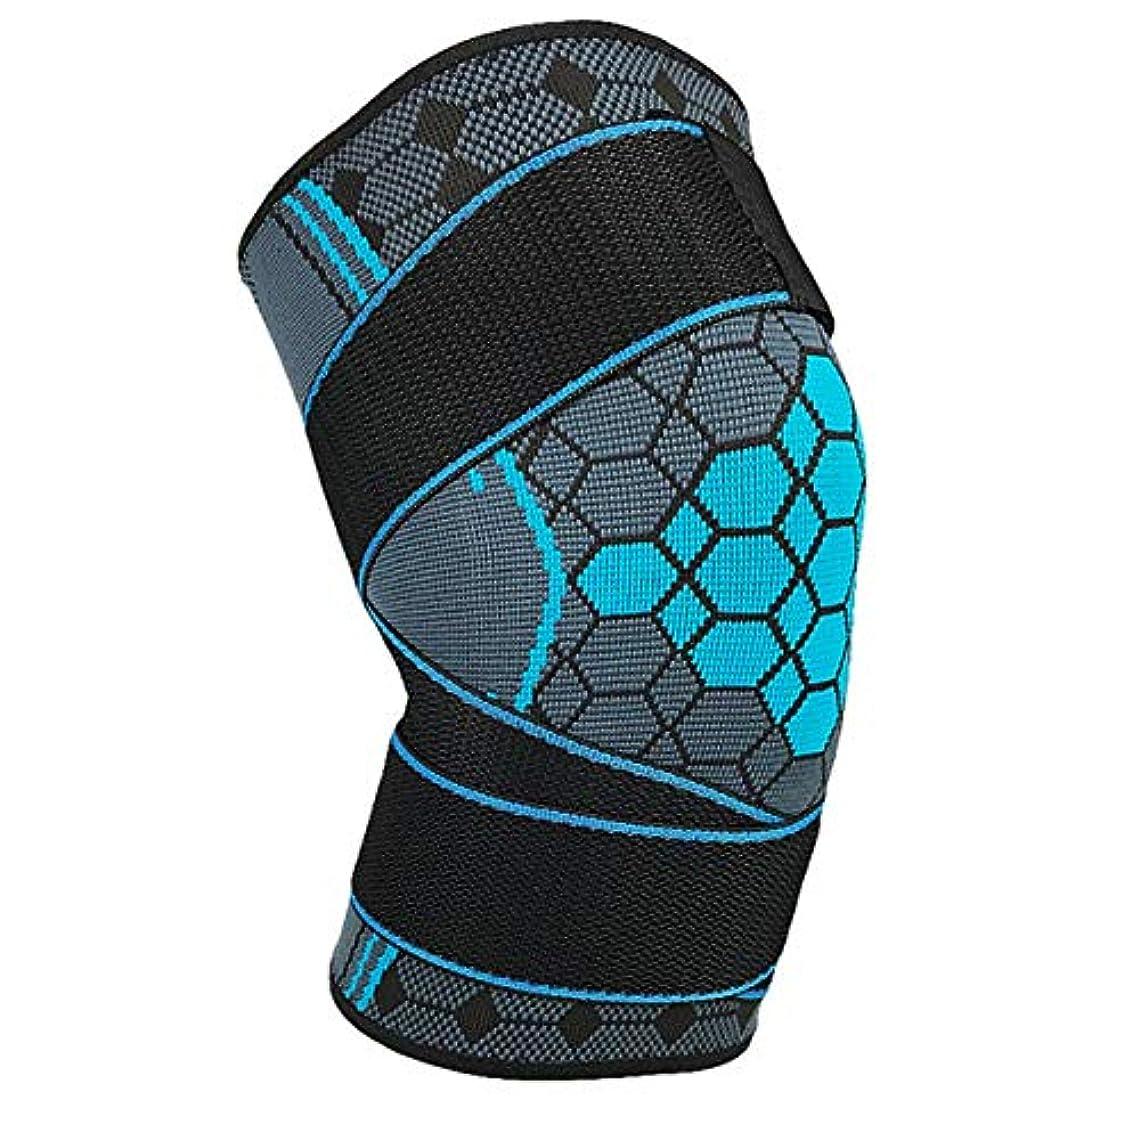 胚芽統合適格快適な膝パッドヨガスポーツ保護パッドバレーボール落下膝サポート安全膝パッド耐久性膝ブレース-ブルーL